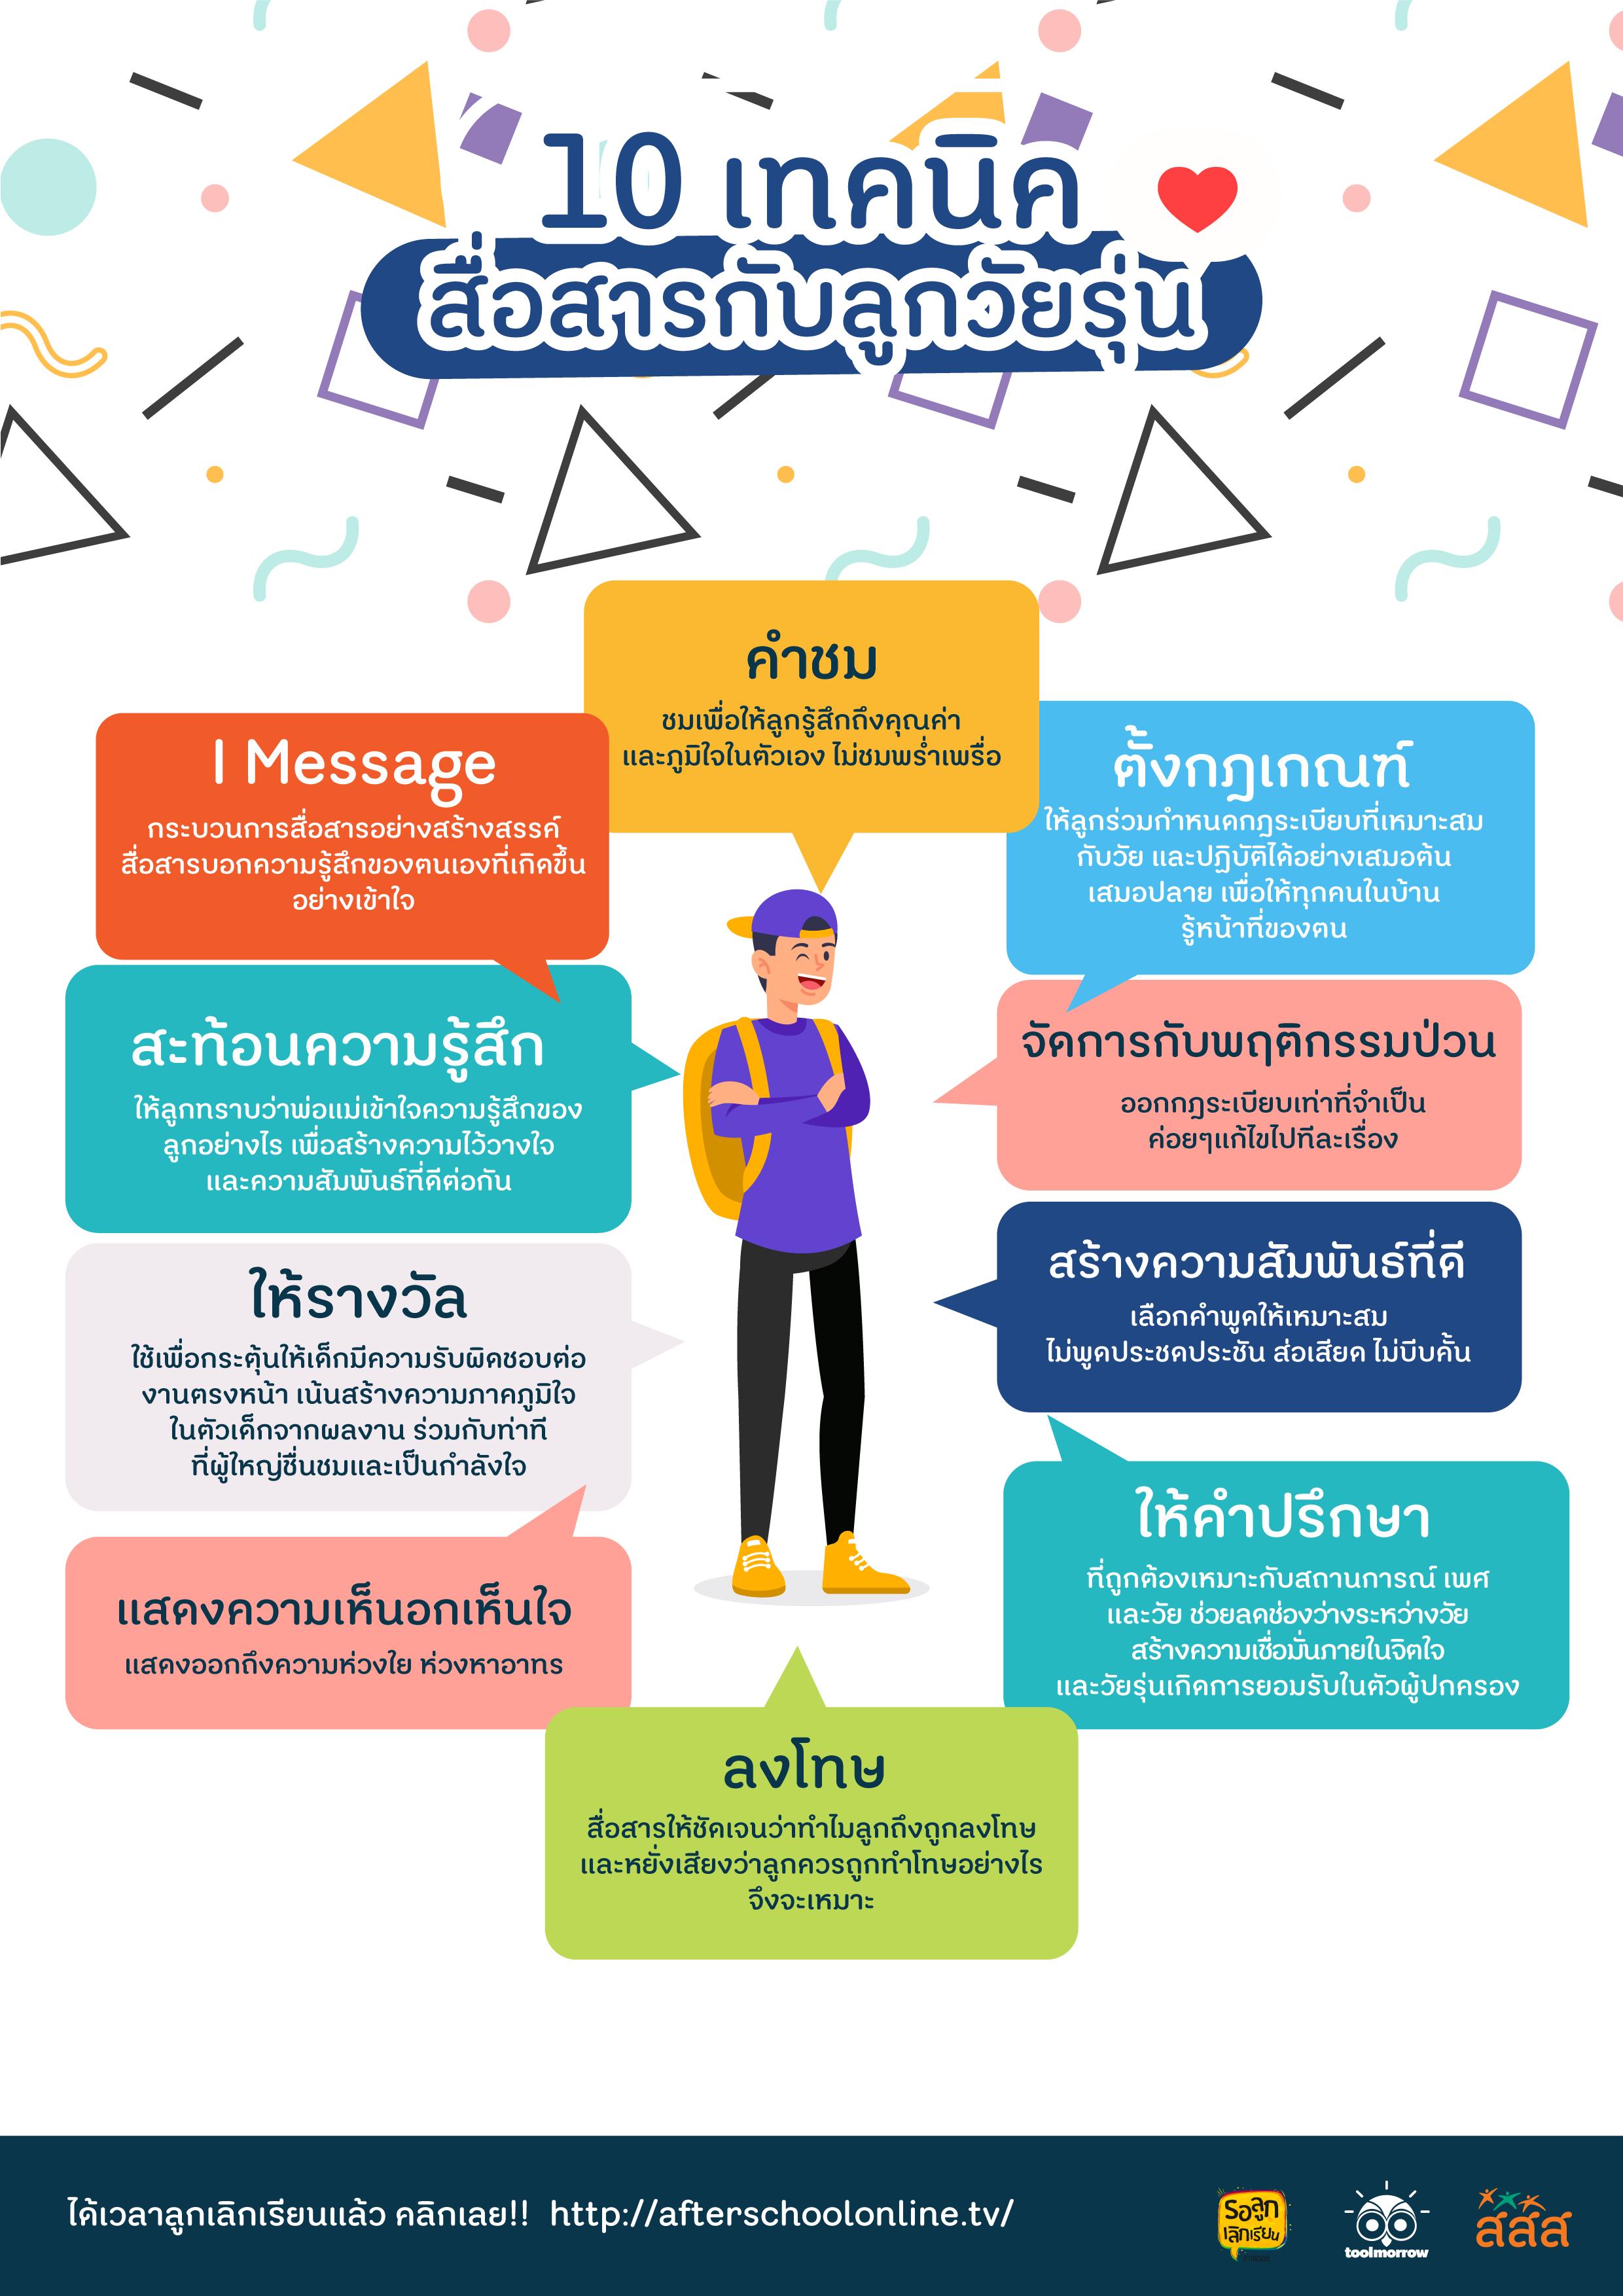 10 เทคนิคสื่อสารกับลูกวัยรุ่น thaihealth